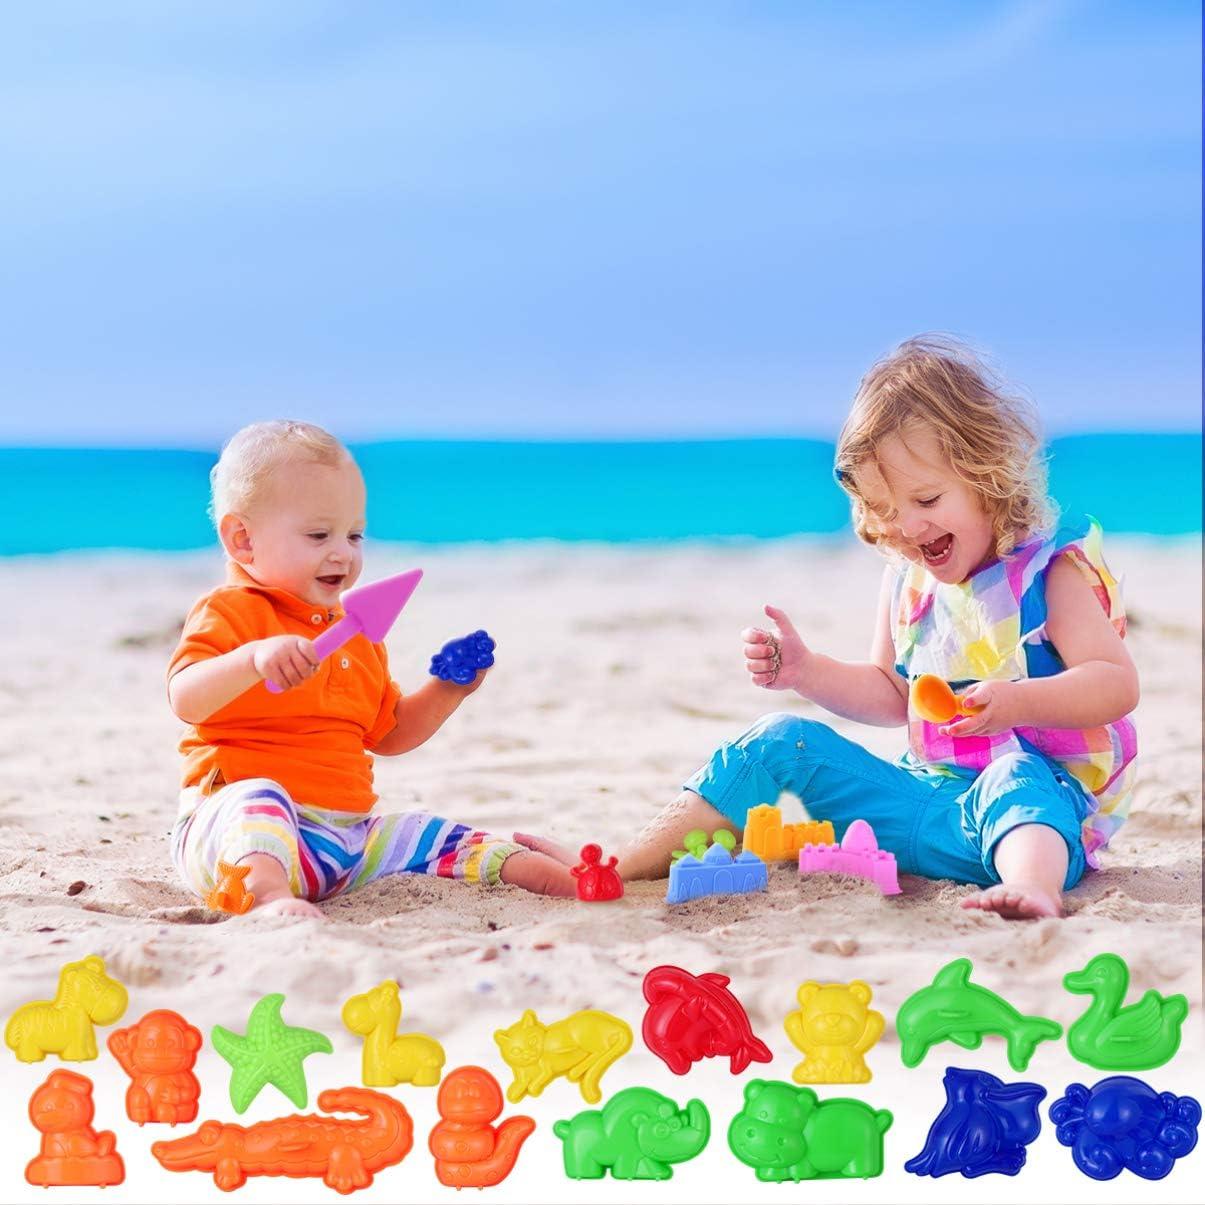 Mini Juguetes de Caja de Arena Kit de Construcci/ón de Castillos de Arena para Playa de Verano Color Aleatorio TOYANDONA 27 Piezas de Juguetes de Moldeo en Arena